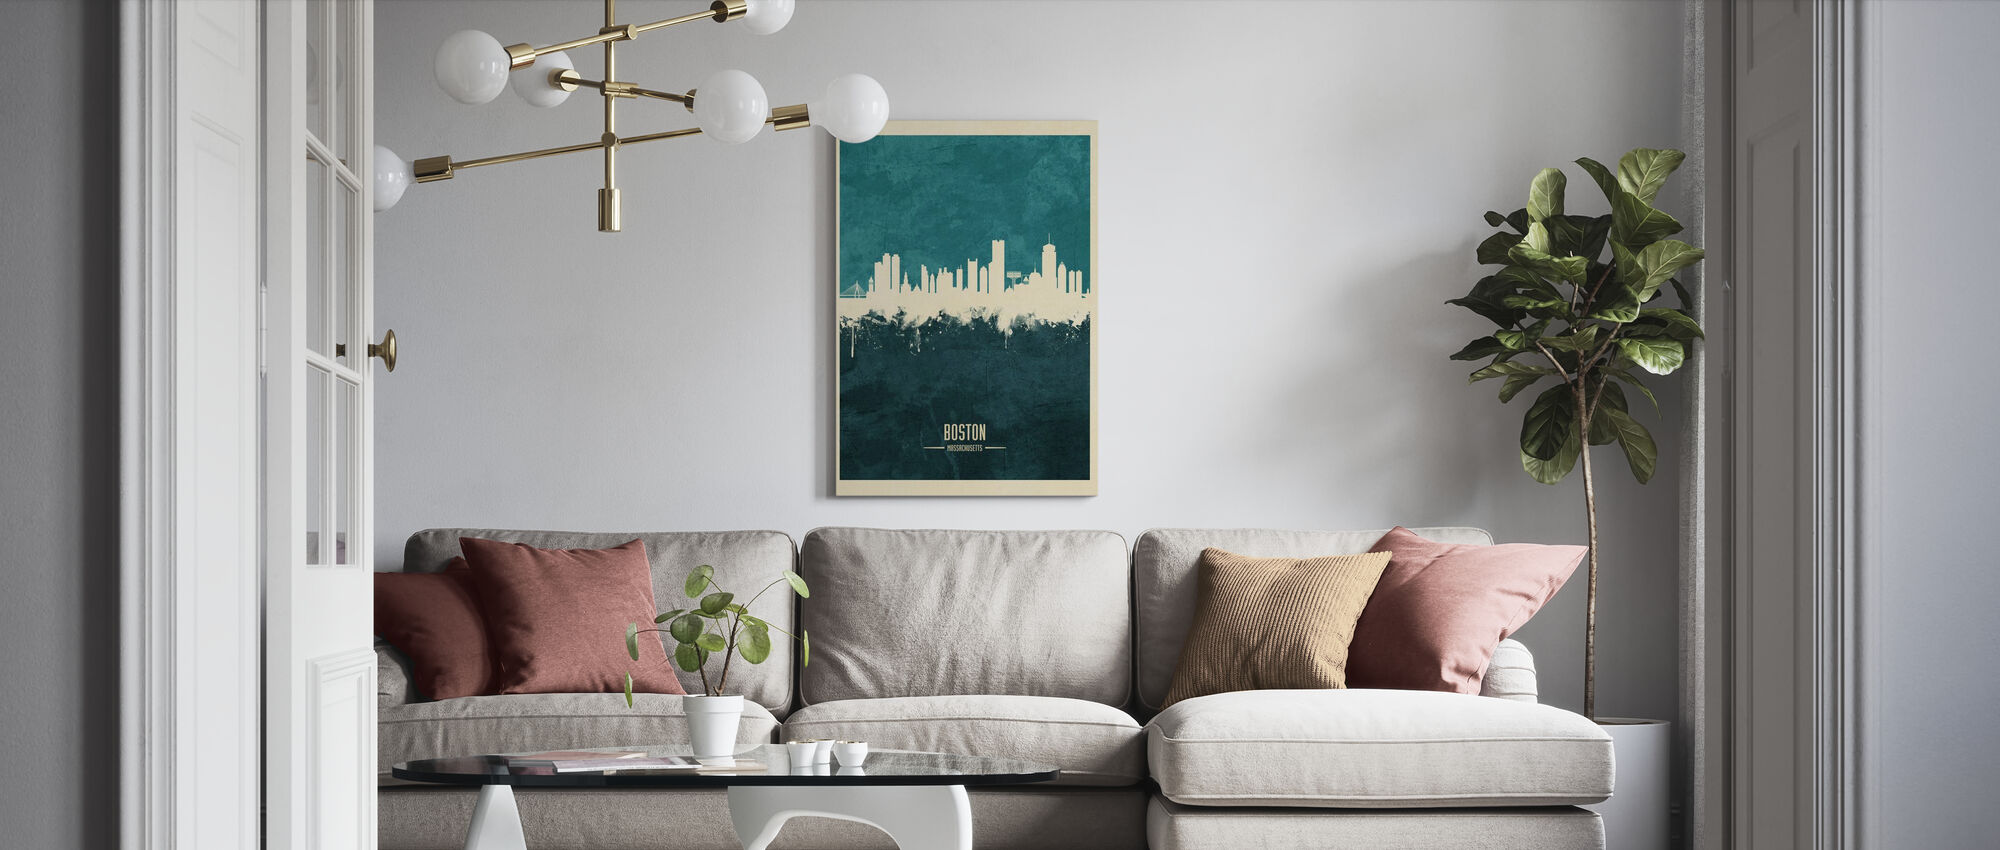 Boston Massachusetts Skyline Blue - Canvas print - Living Room